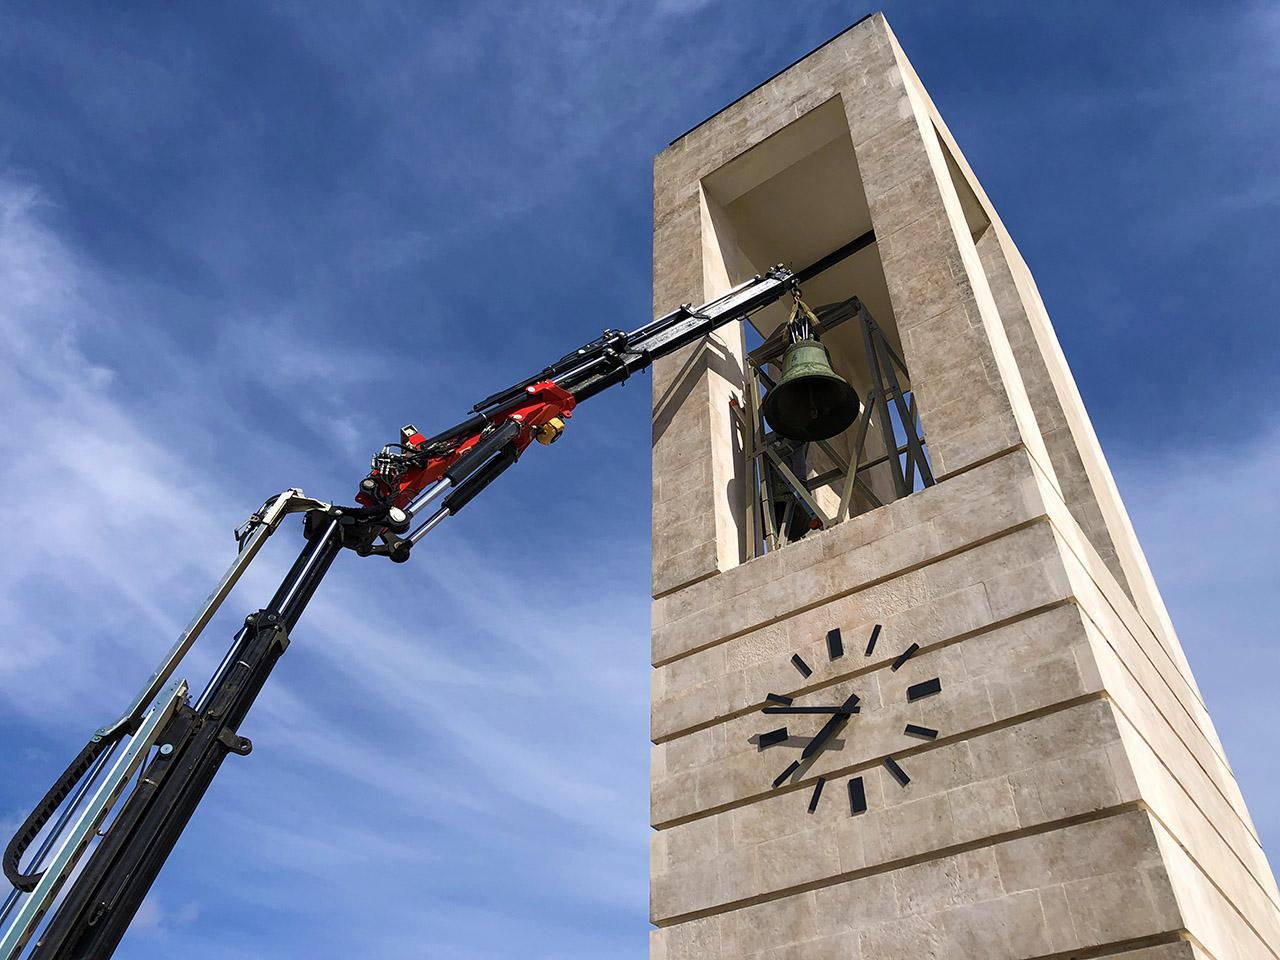 costruzioni restauri sirio ostuni campanile chiesa santuario santi medici cosma damiano ostuni img 2142 1